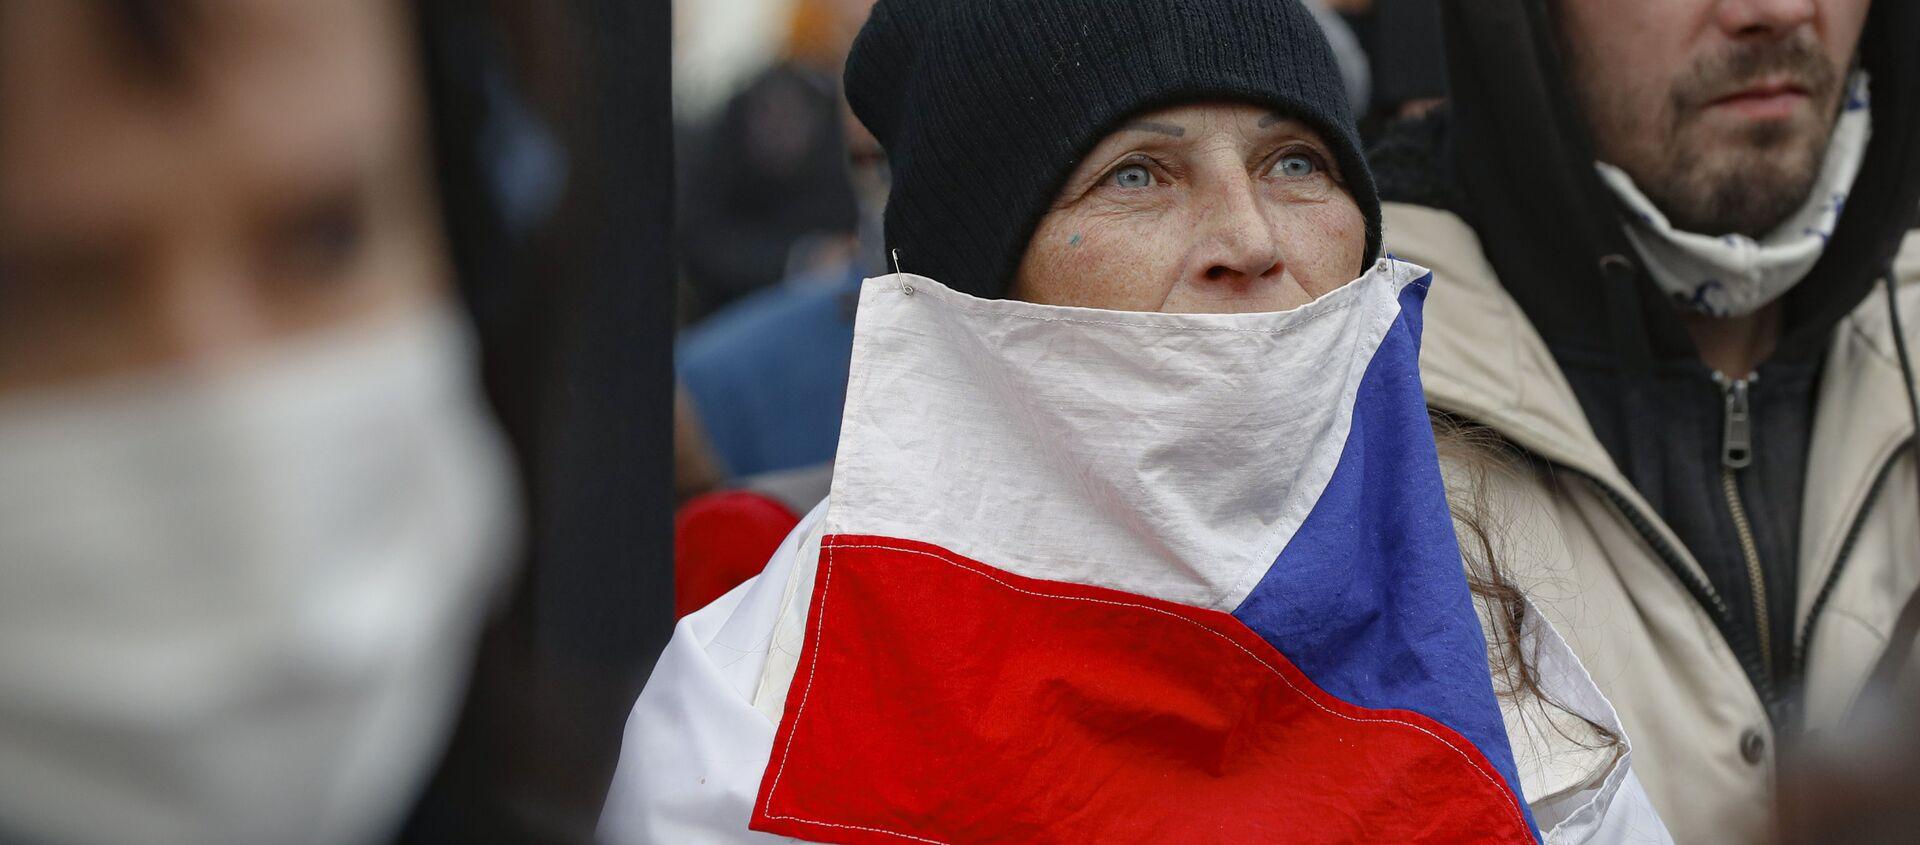 Protesty w Pradze - Sputnik Polska, 1920, 28.02.2021